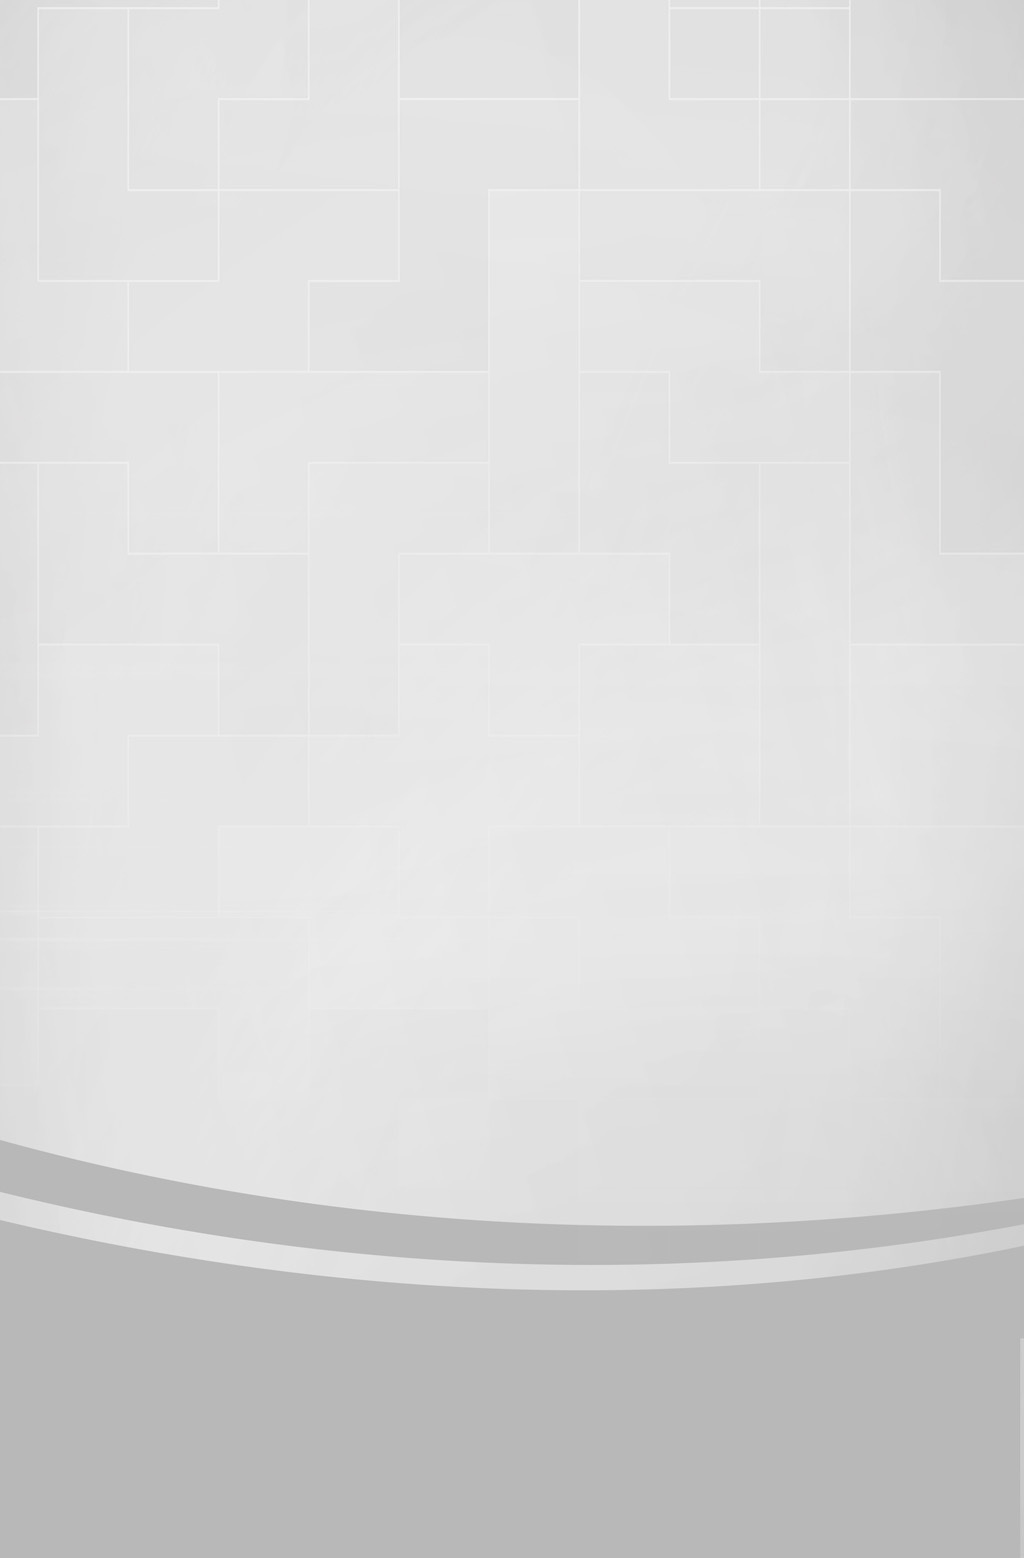 曲线格子简约科技宣传画易拉宝画册海报背景下载 曲线格子简约科技宣传画易拉宝画册海报背景图片素材其他格式模板 展板设计